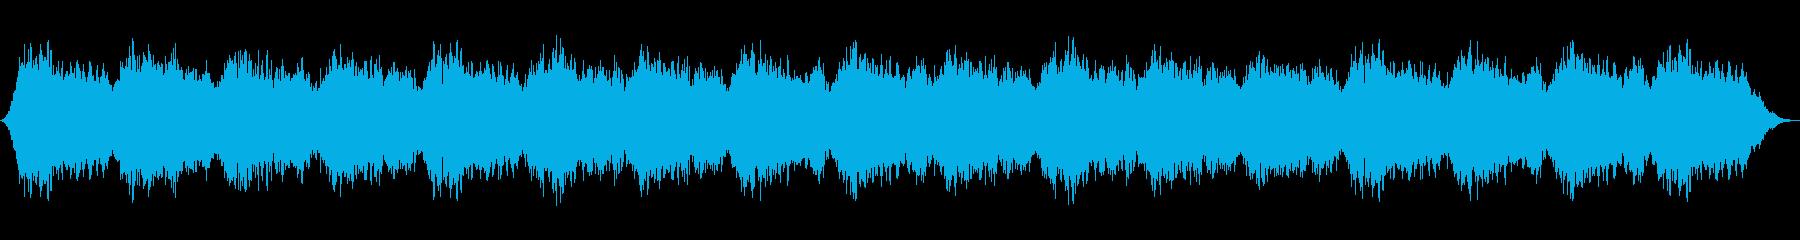 シンセが幻想的なヒーリングミュージックの再生済みの波形